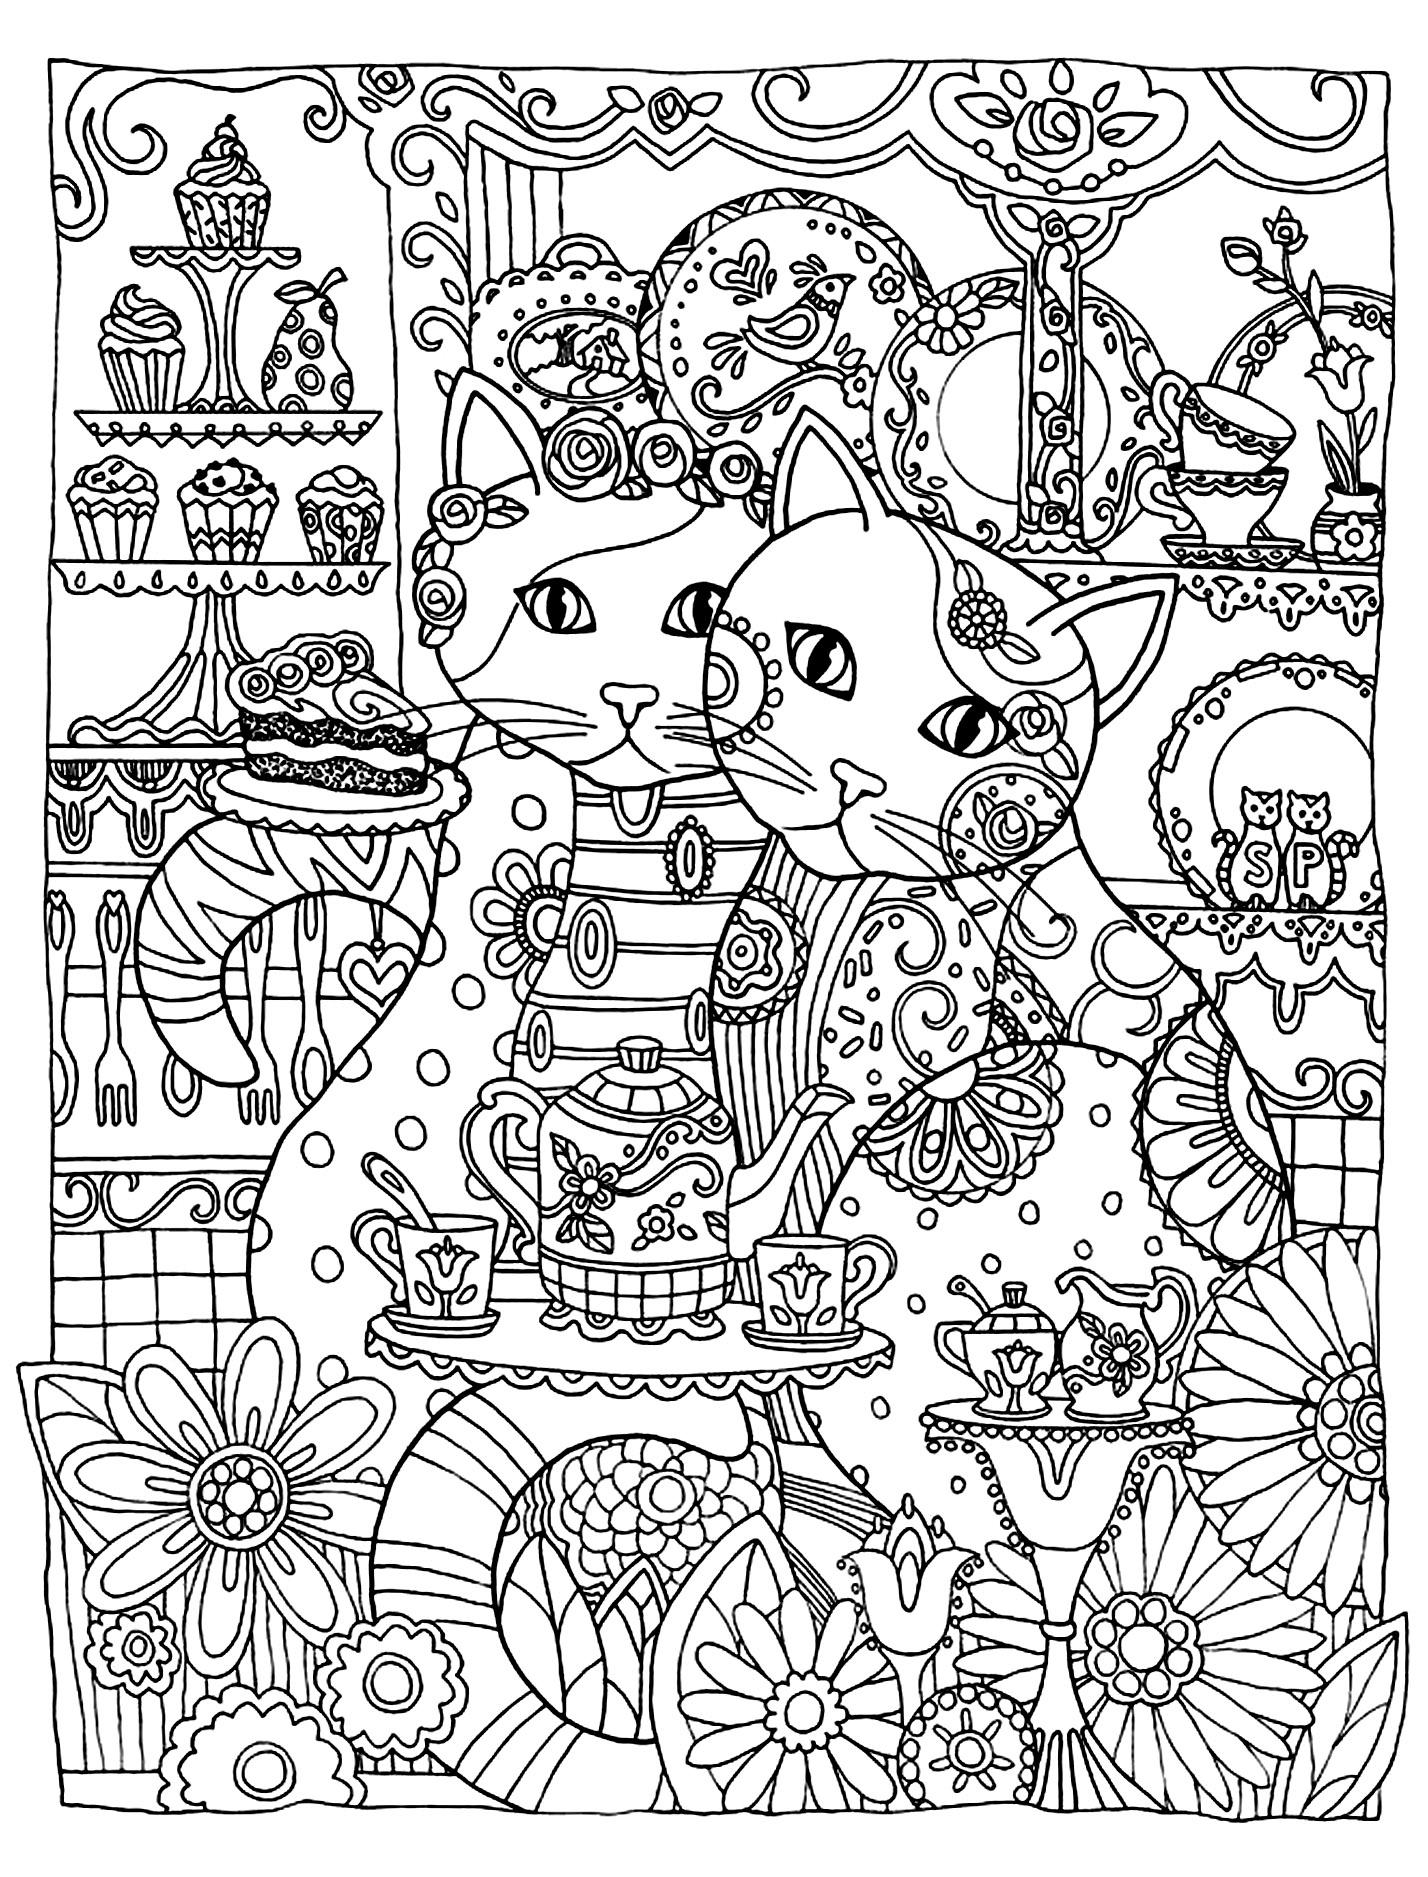 Disegni da colorare per adulti : Gatti - 6